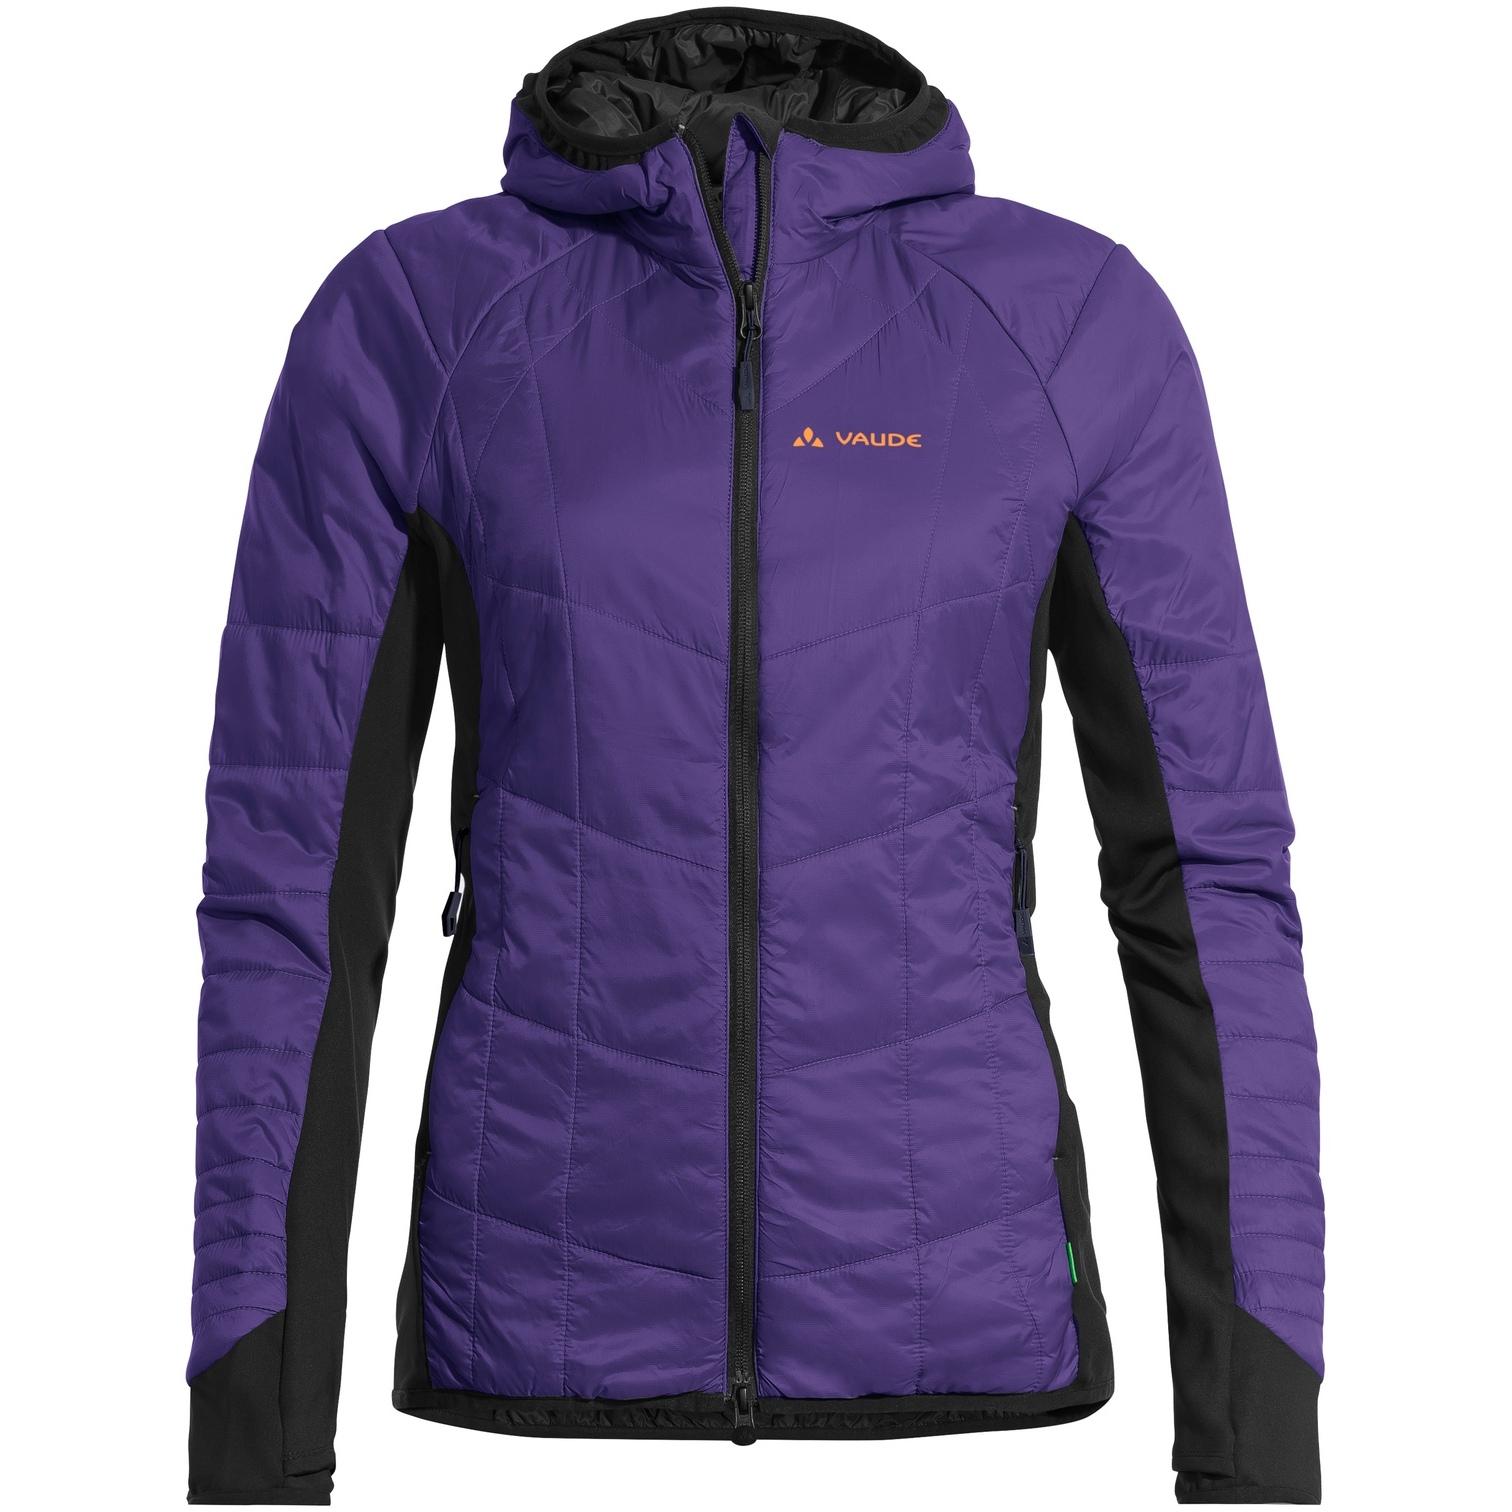 Vaude Women's Sesvenna Jacket III - dark purple